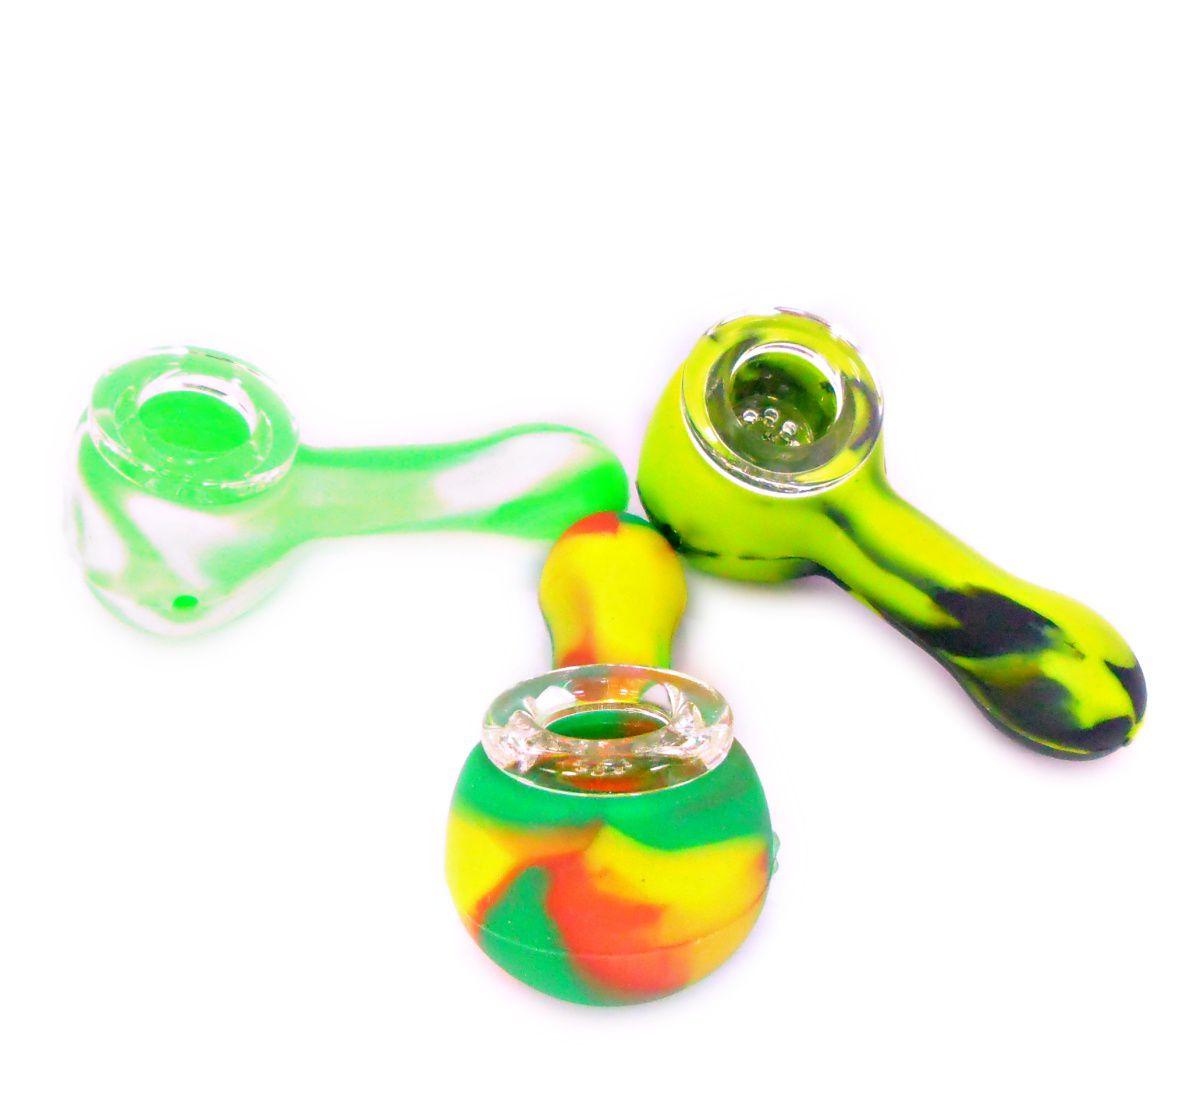 Pipe de silicone e bowl de vidro. Tamanho Médio, 8,0 cm de comprimento, 1,5cm de diâmetro do bowl.